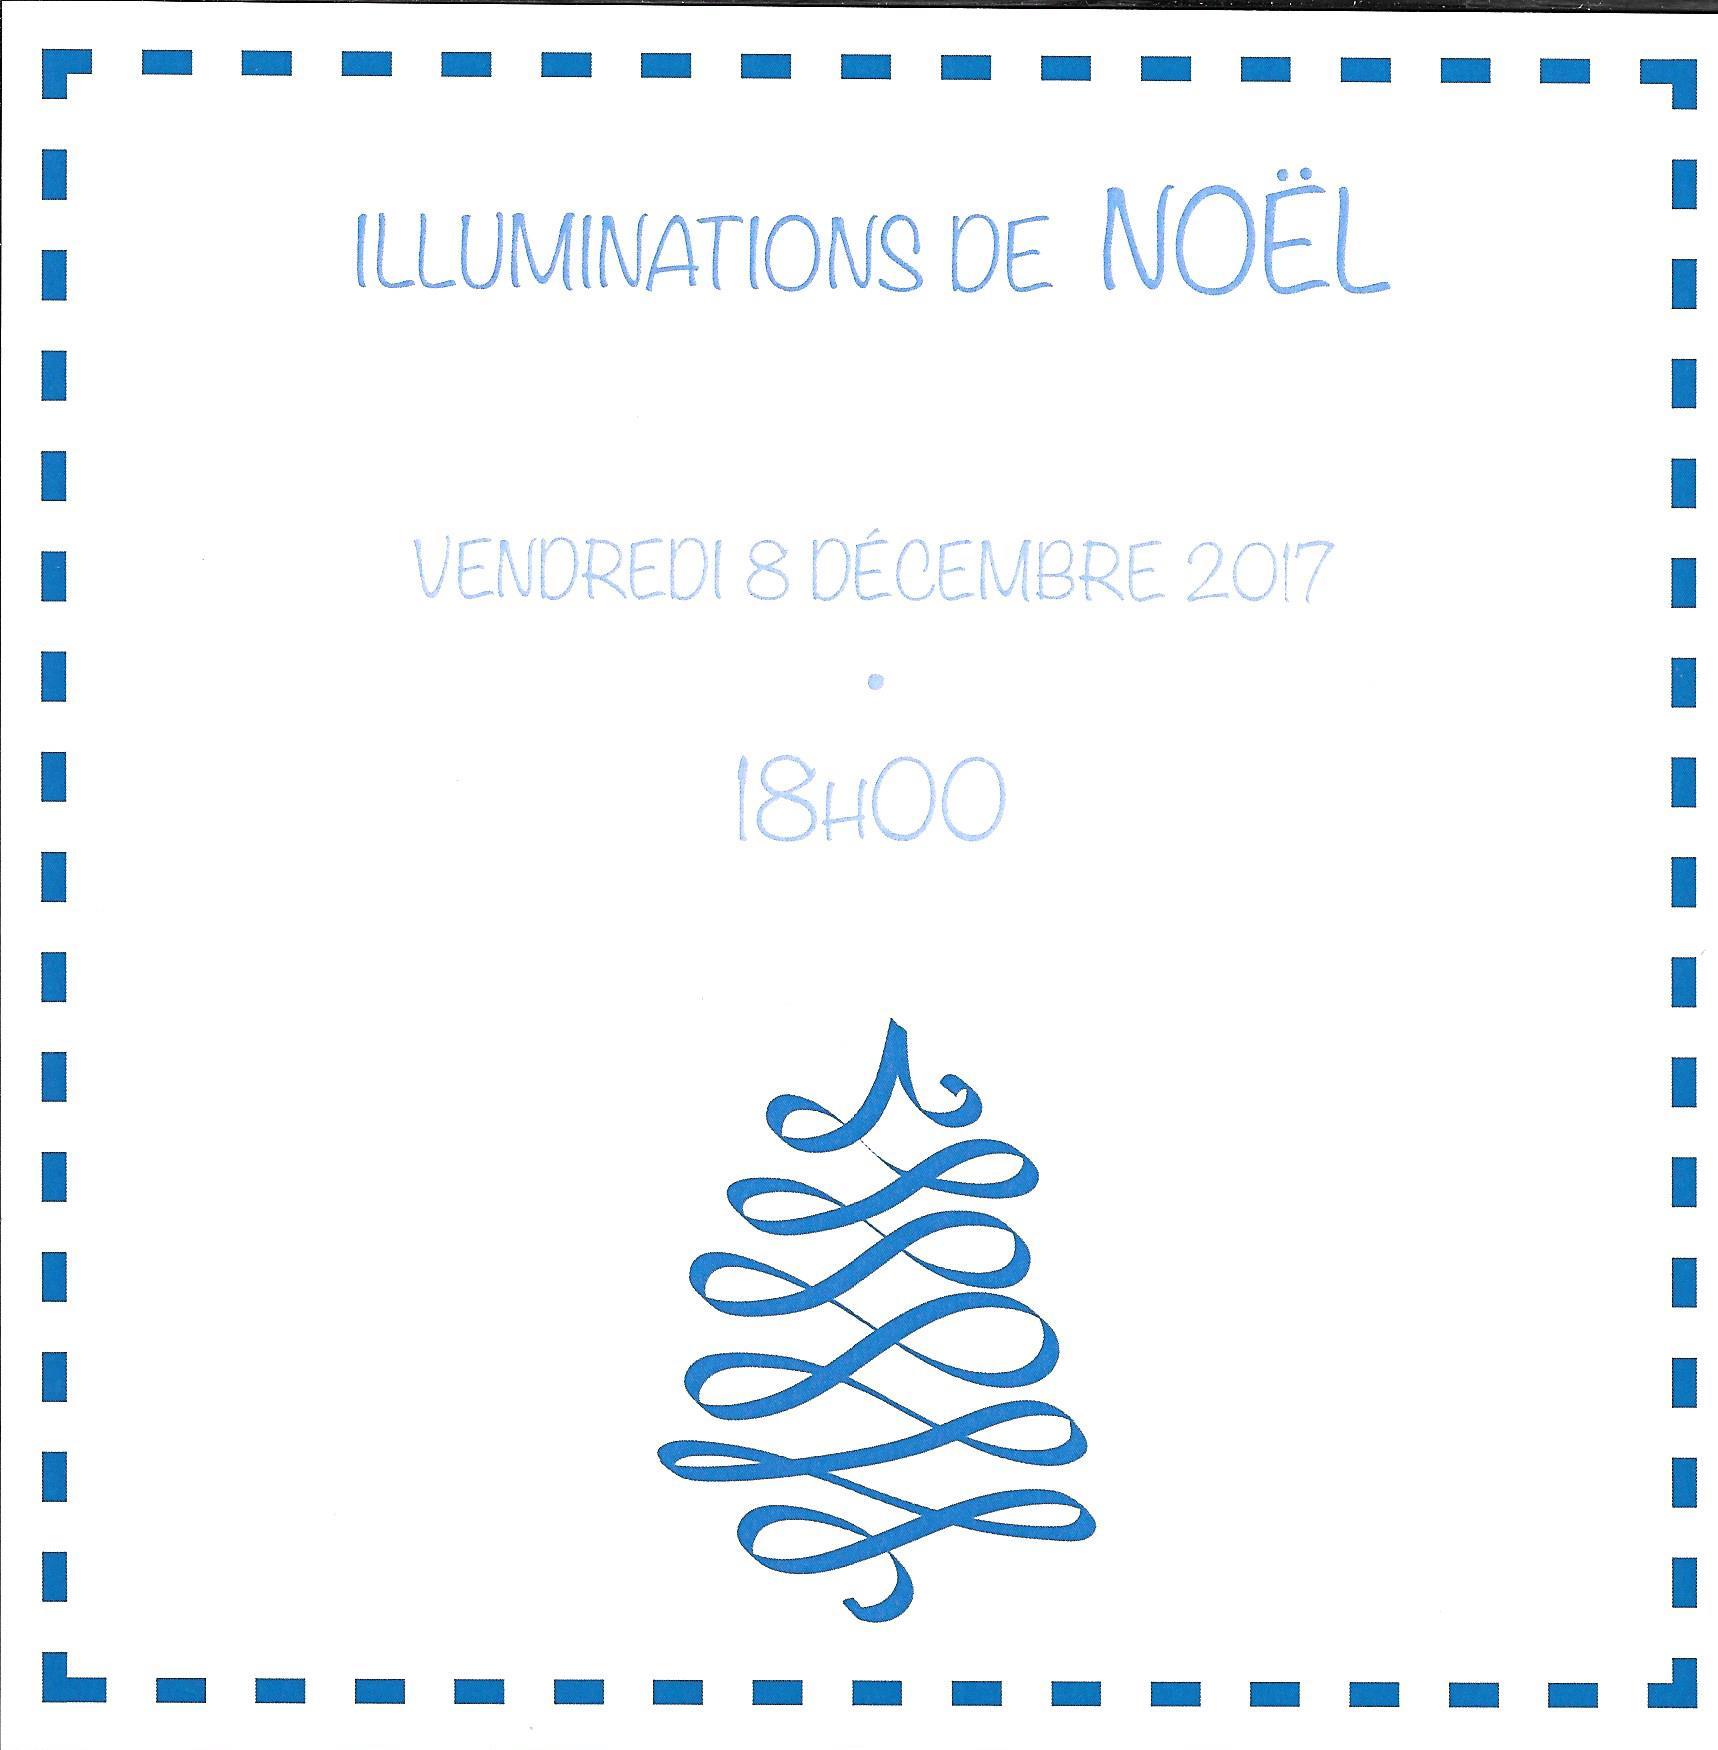 illumination-noel-20170002